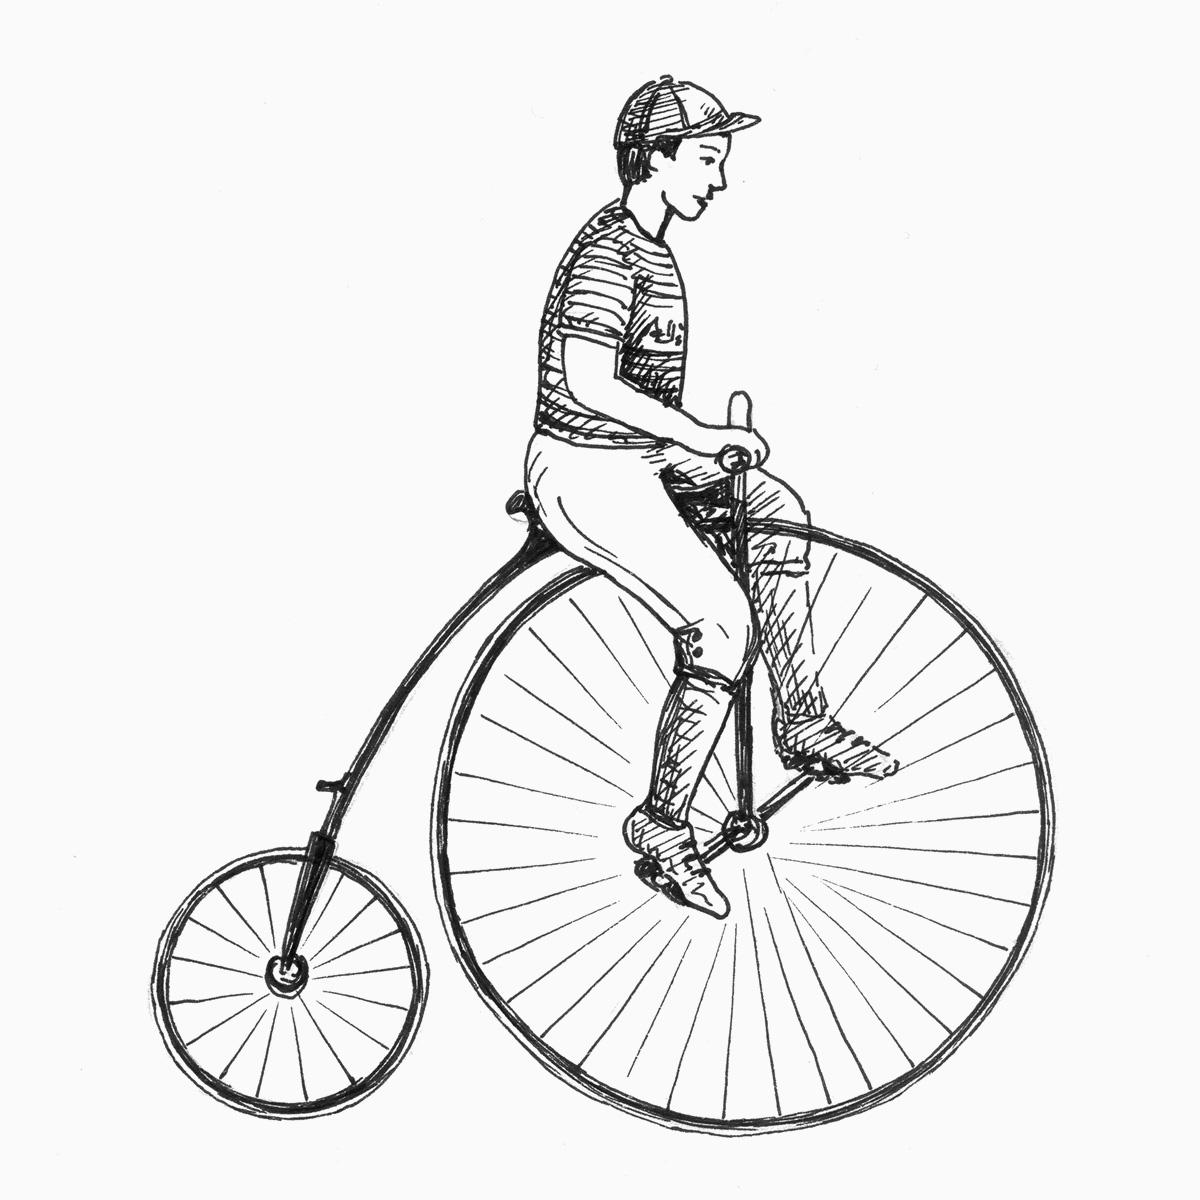 Männliches Kind fährt auf einem Hochrad (Zeichnung)